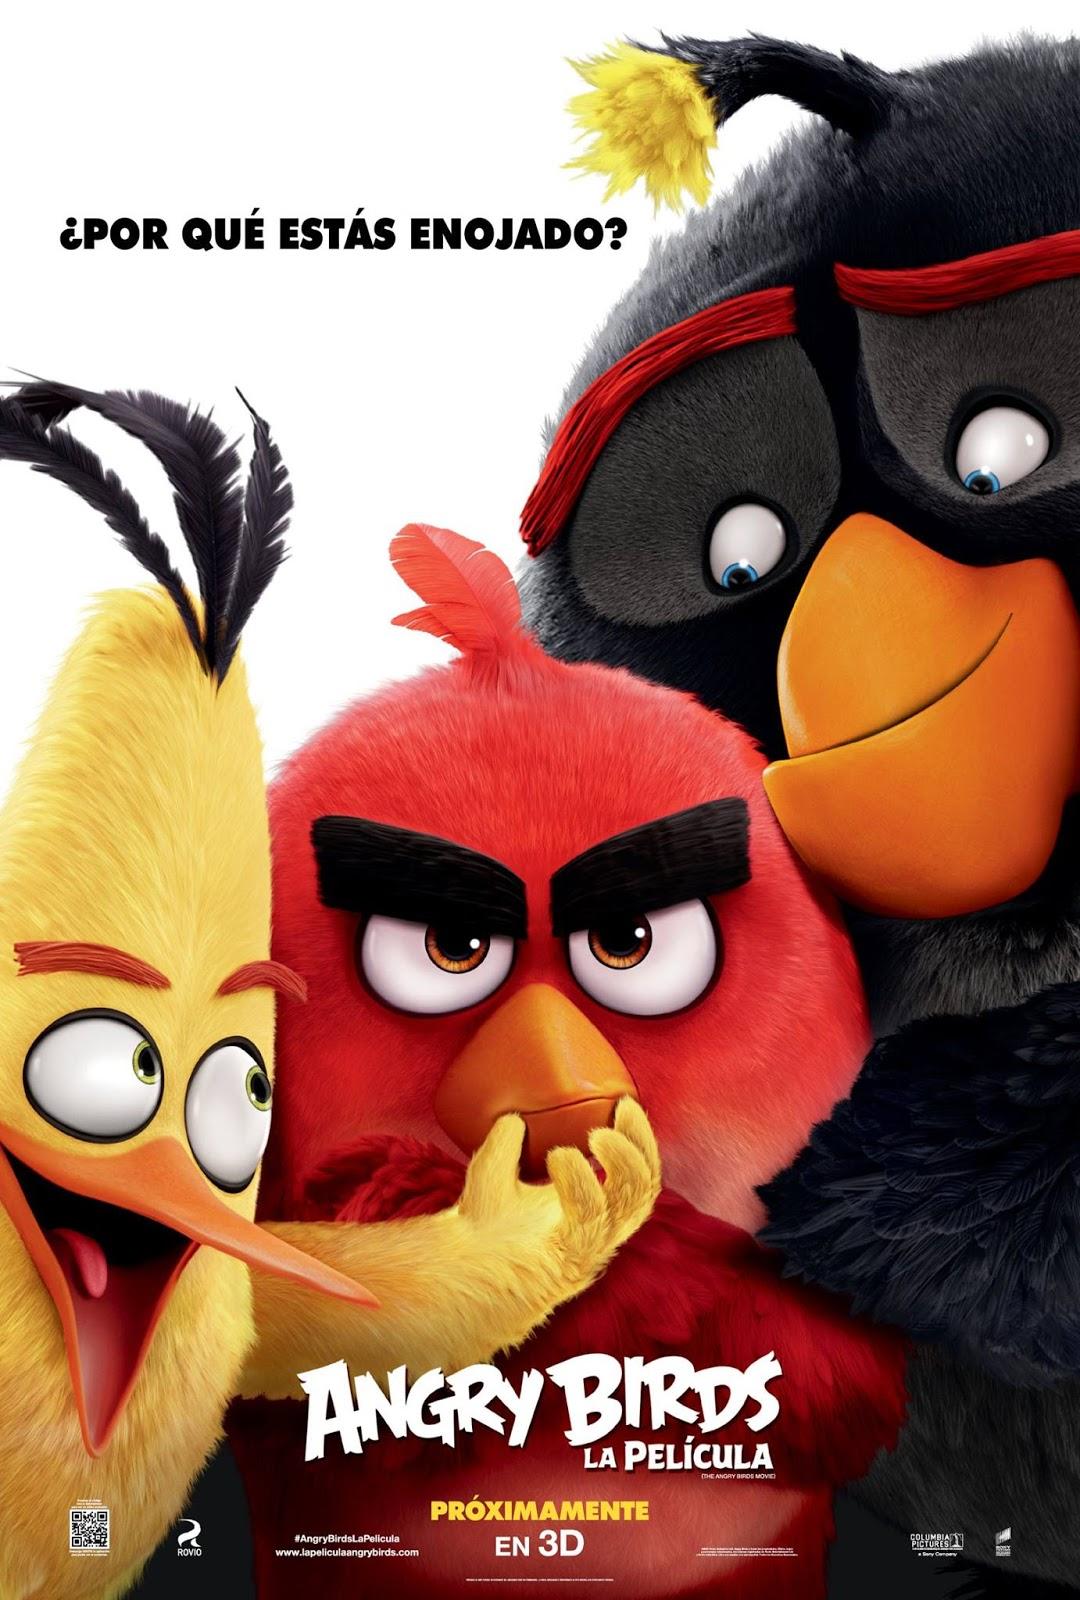 Angry birds la pel cula sinopcine - Angry birds trio ...